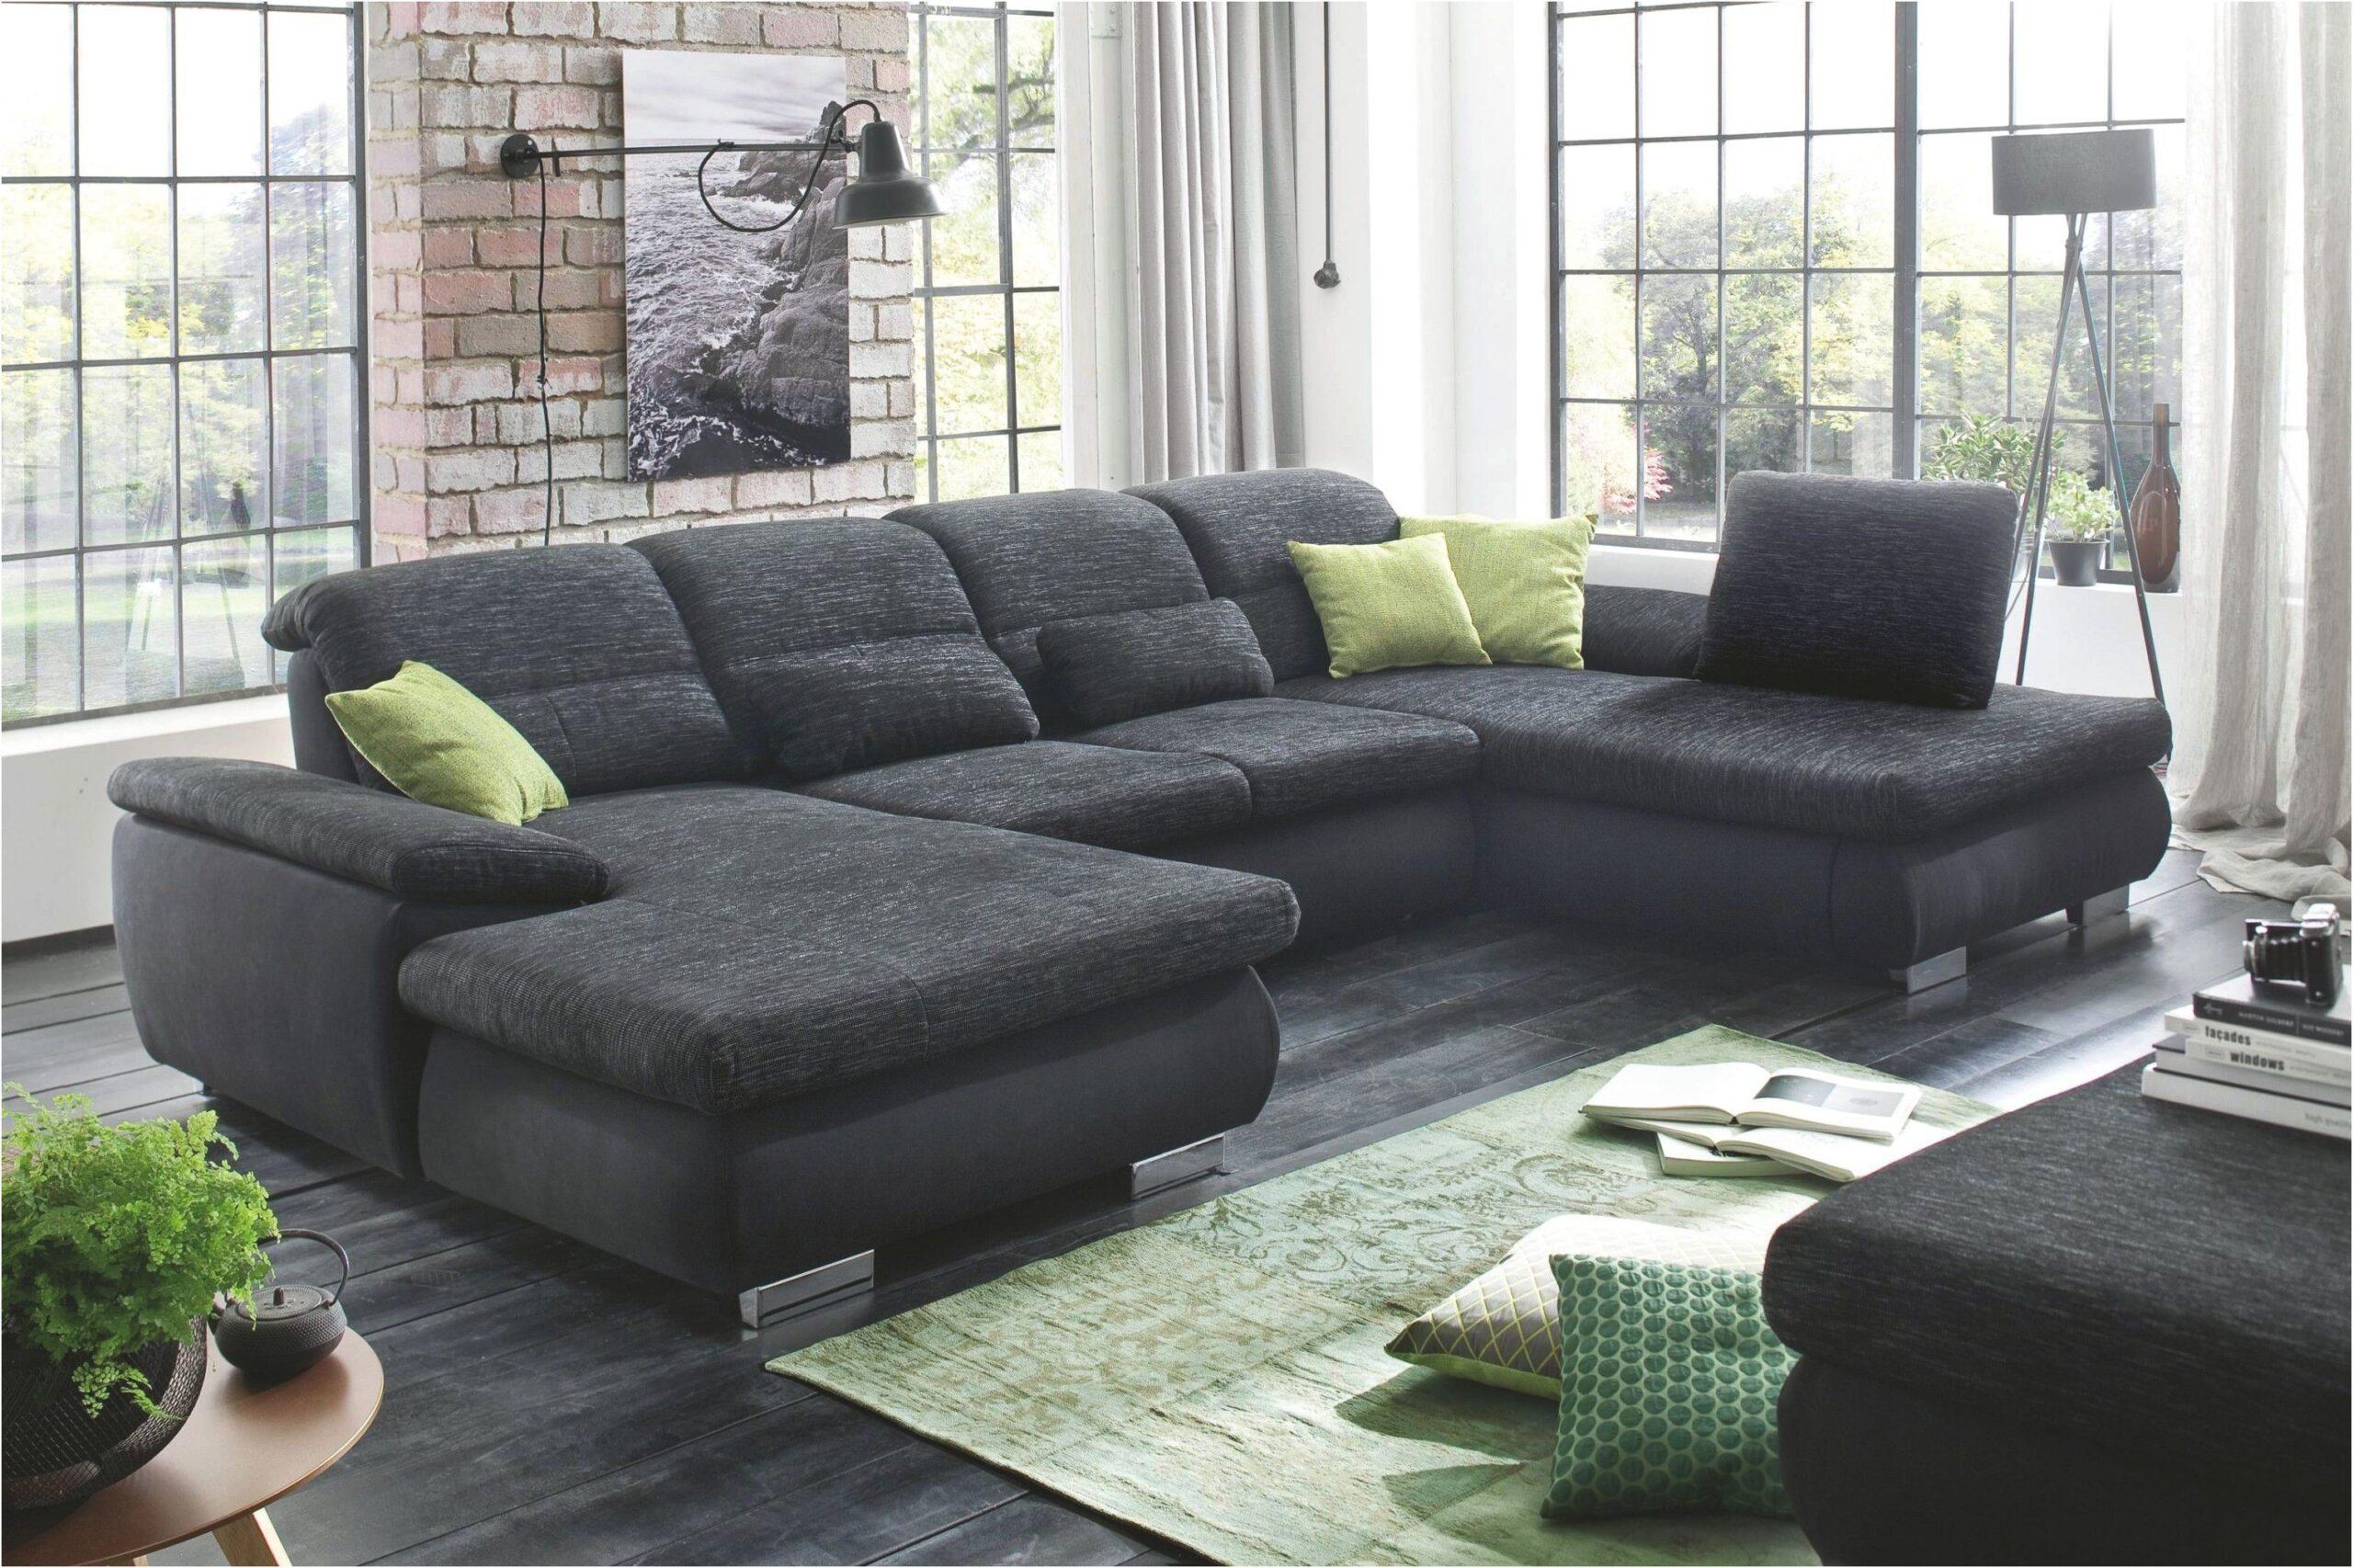 Full Size of Couch Ausklappbar Ausklappbares Bett Wohnzimmer Couch Ausklappbar